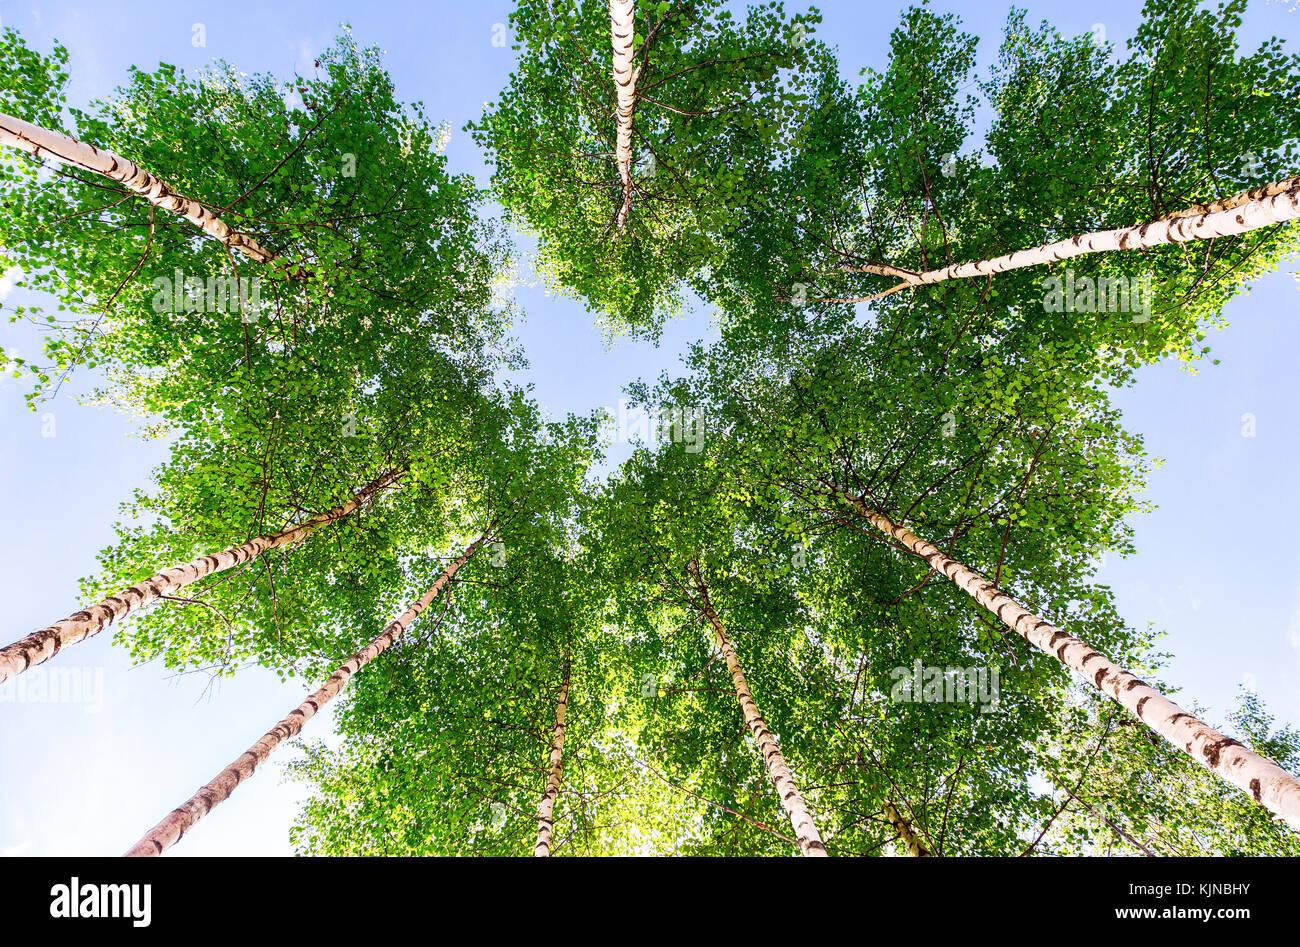 Kronen der hohen Birken im Wald vor blauem Himmel. Laubwald im Sommer Stockbild